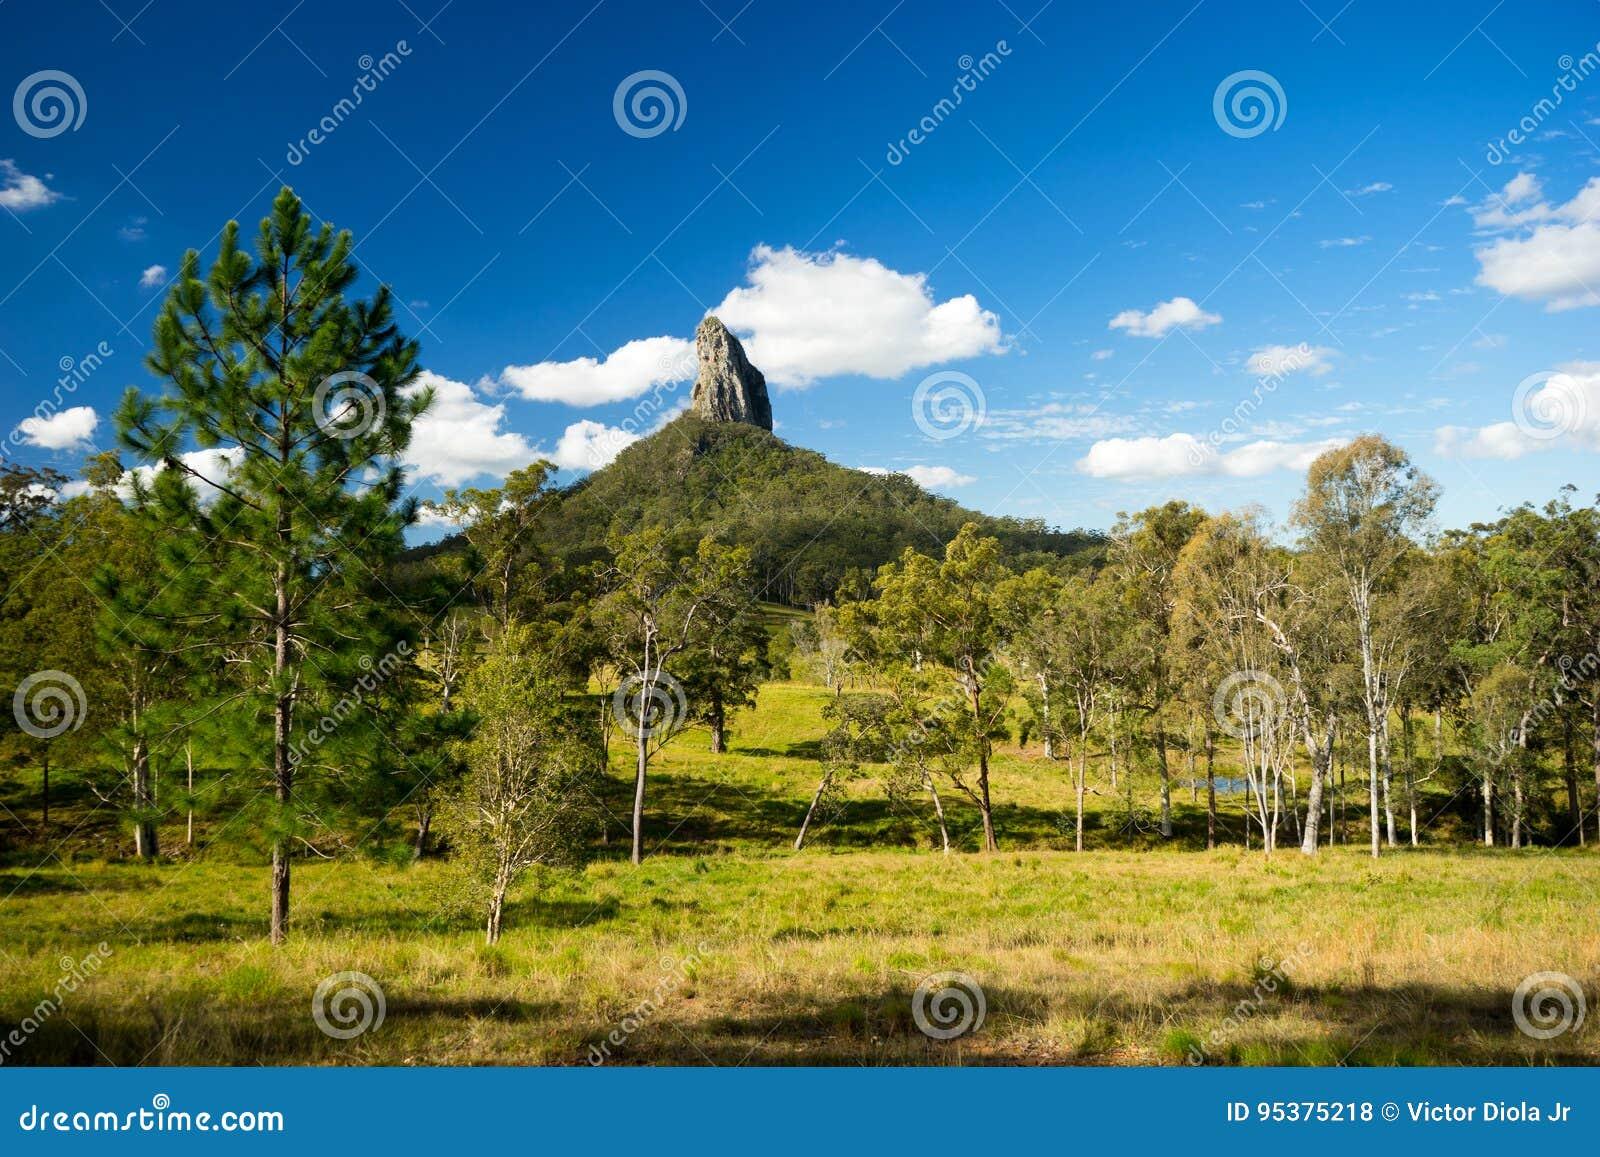 Mt Coonowrin in Queensland Australia